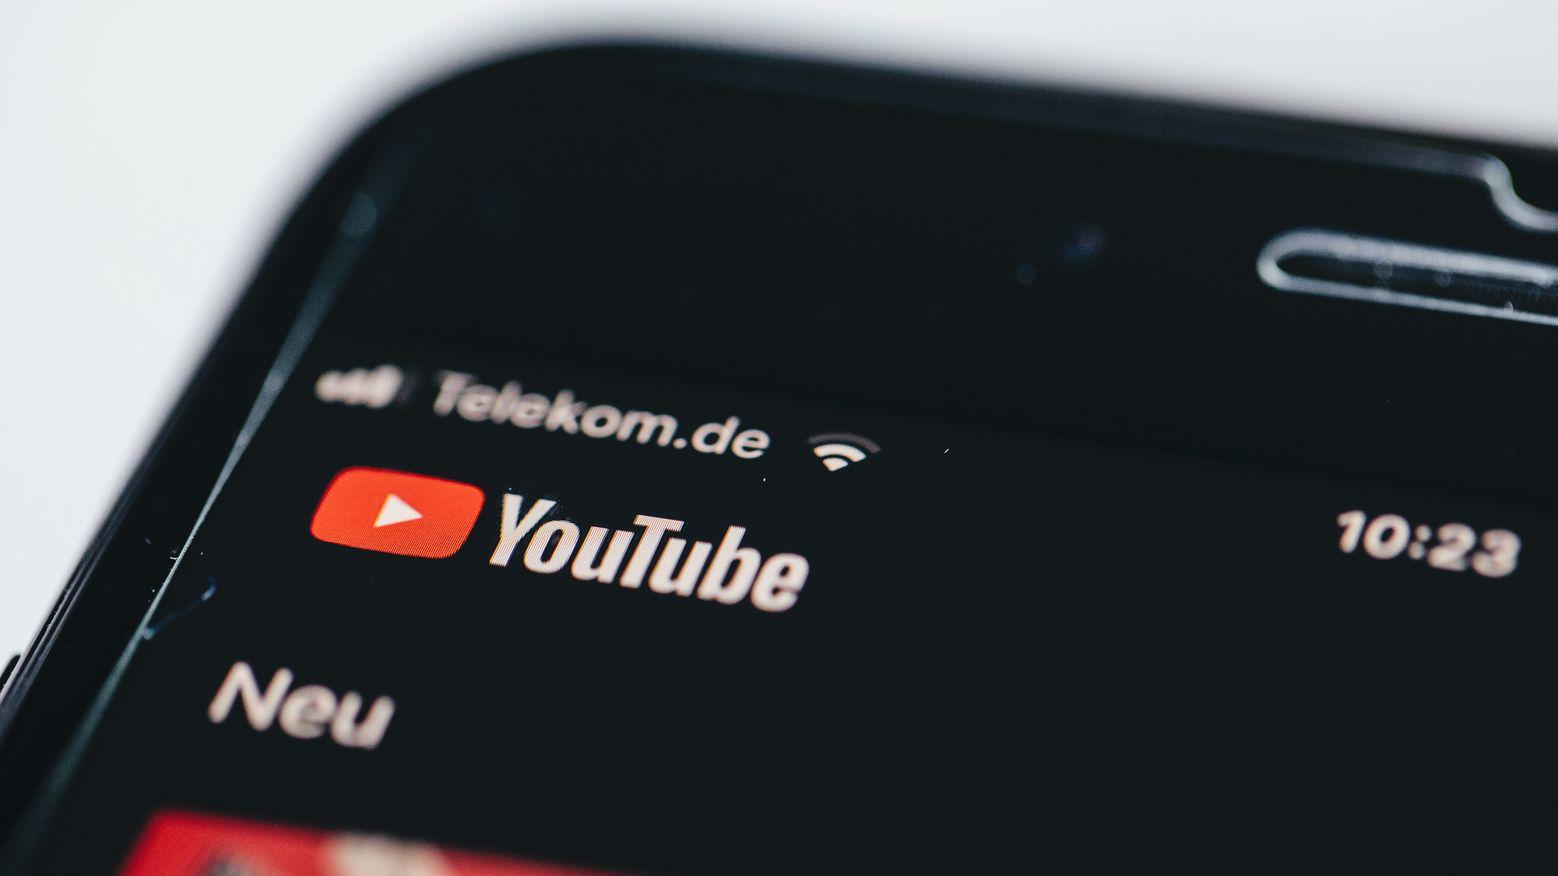 YouTube sperrt Kanäle zu Hongkong-Protesten